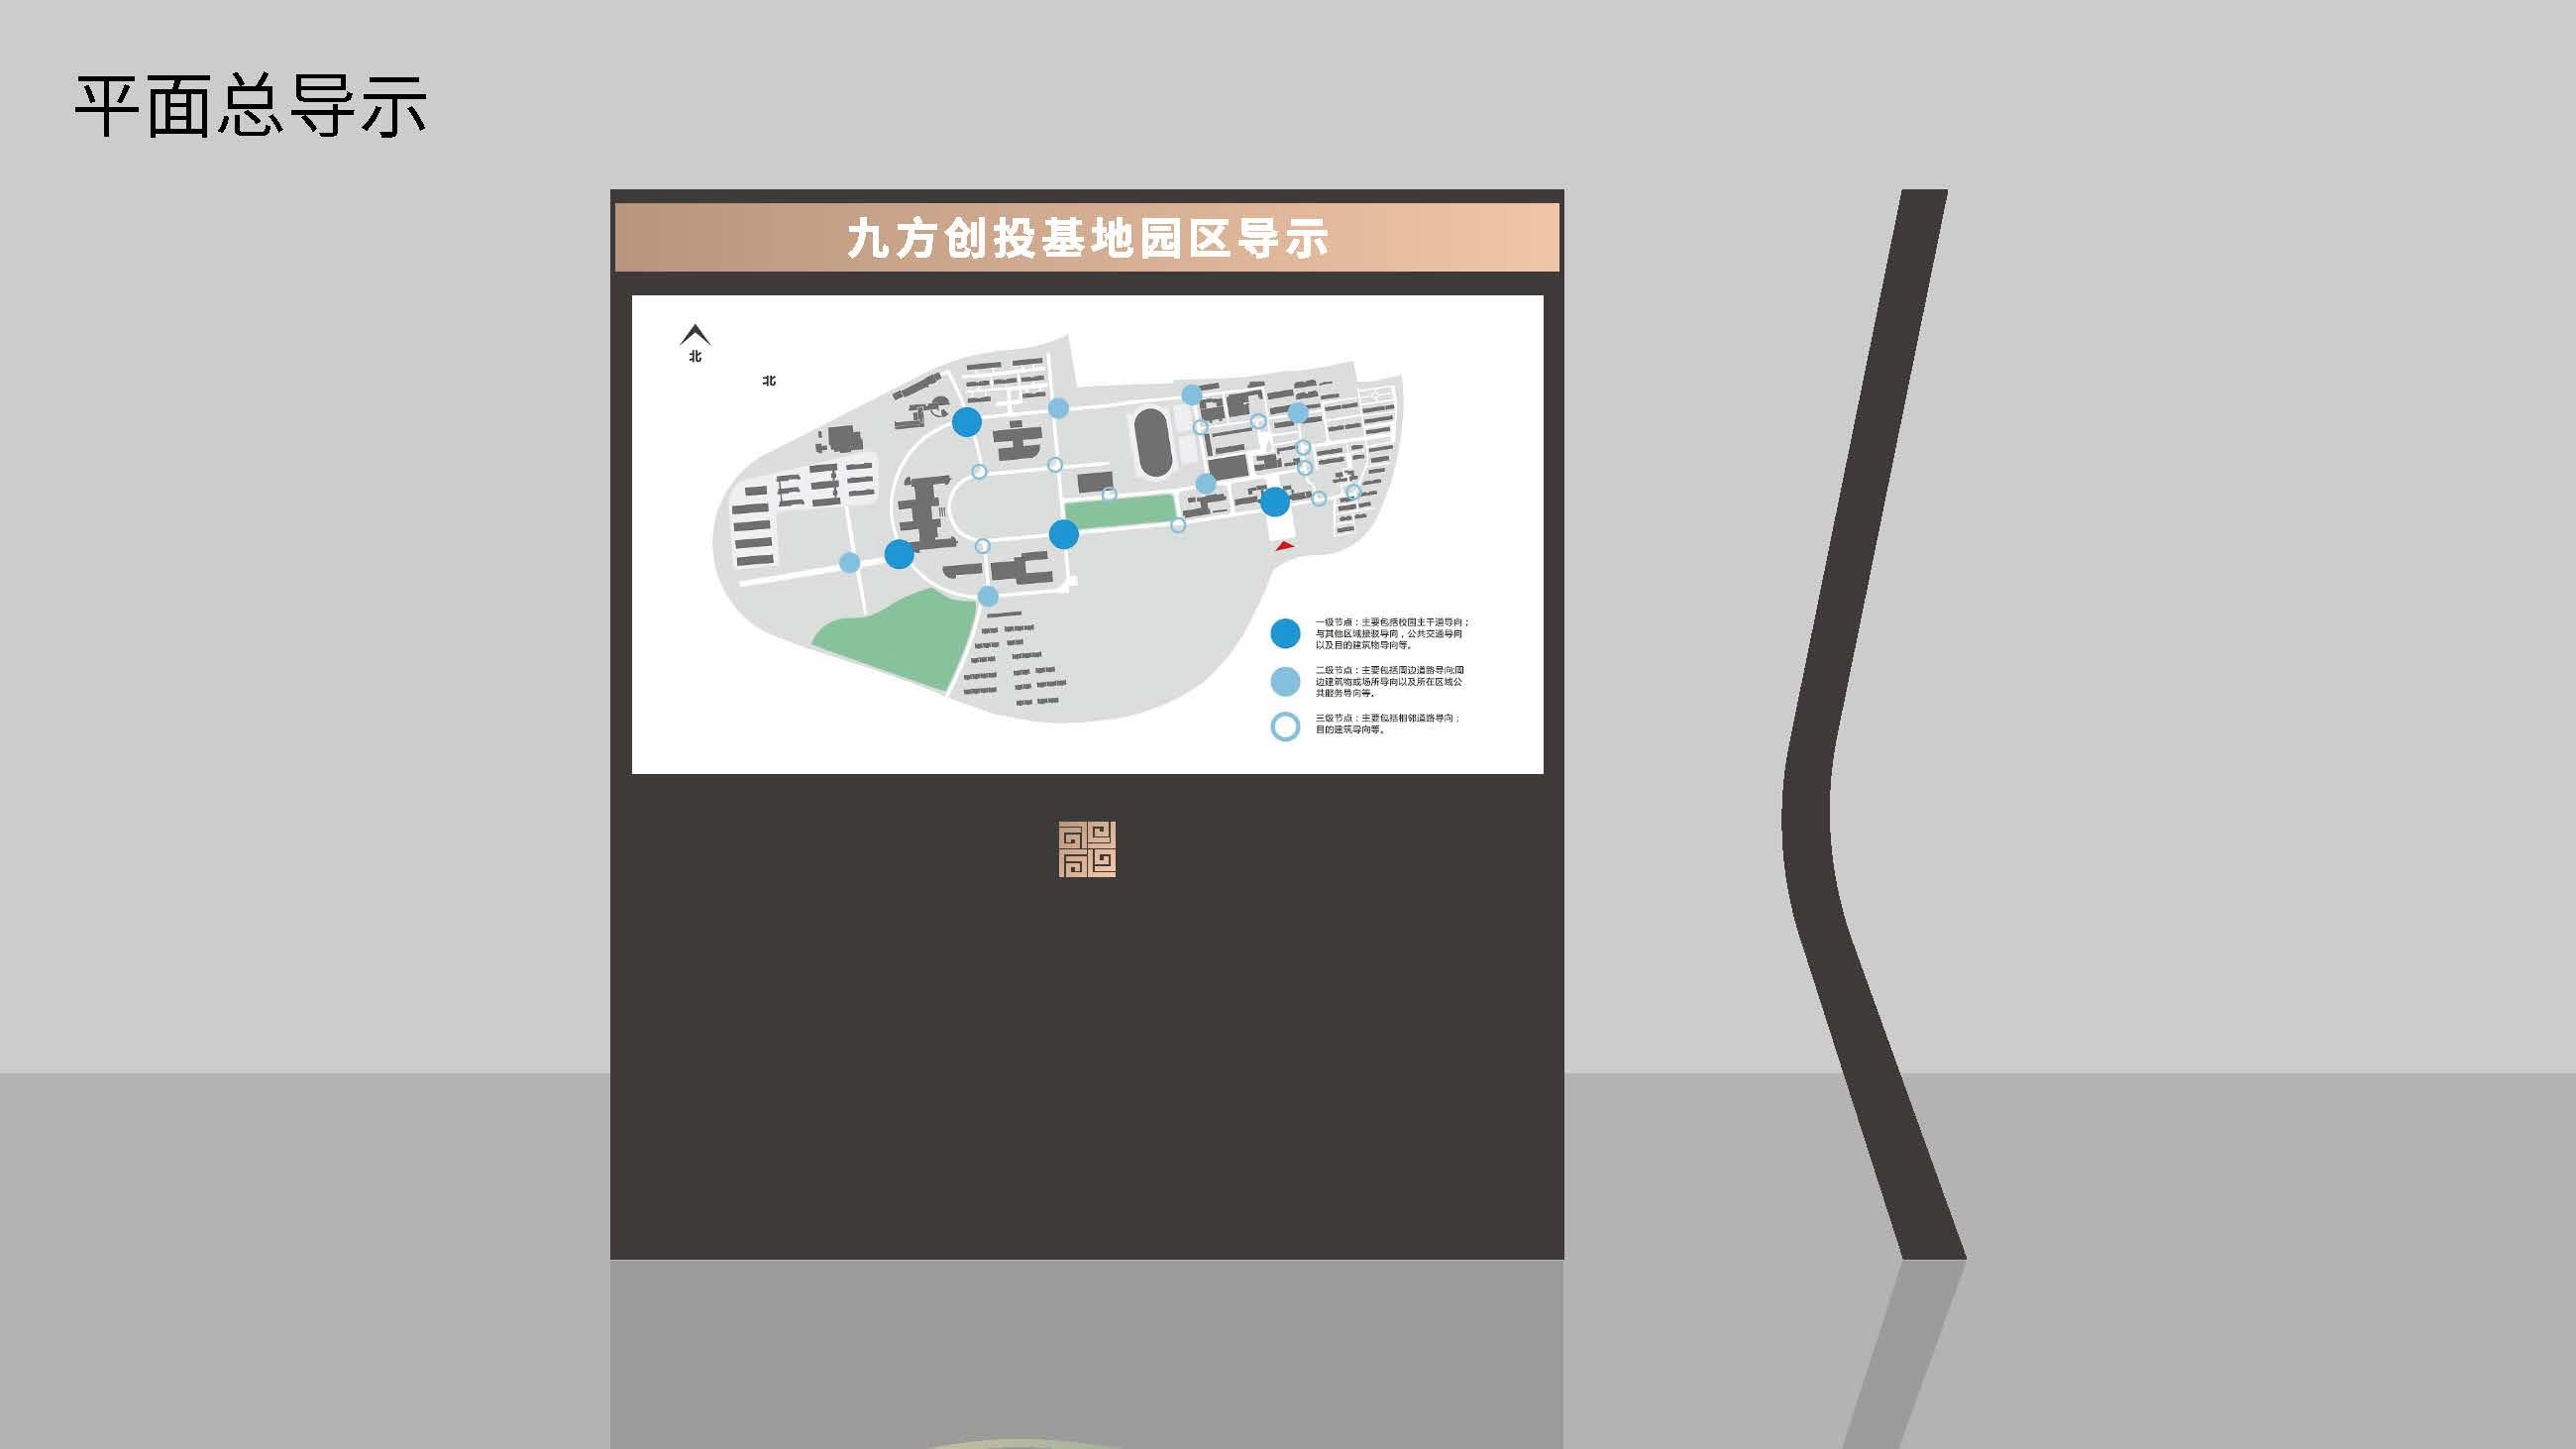 九方创投基地 导视系统设计方案